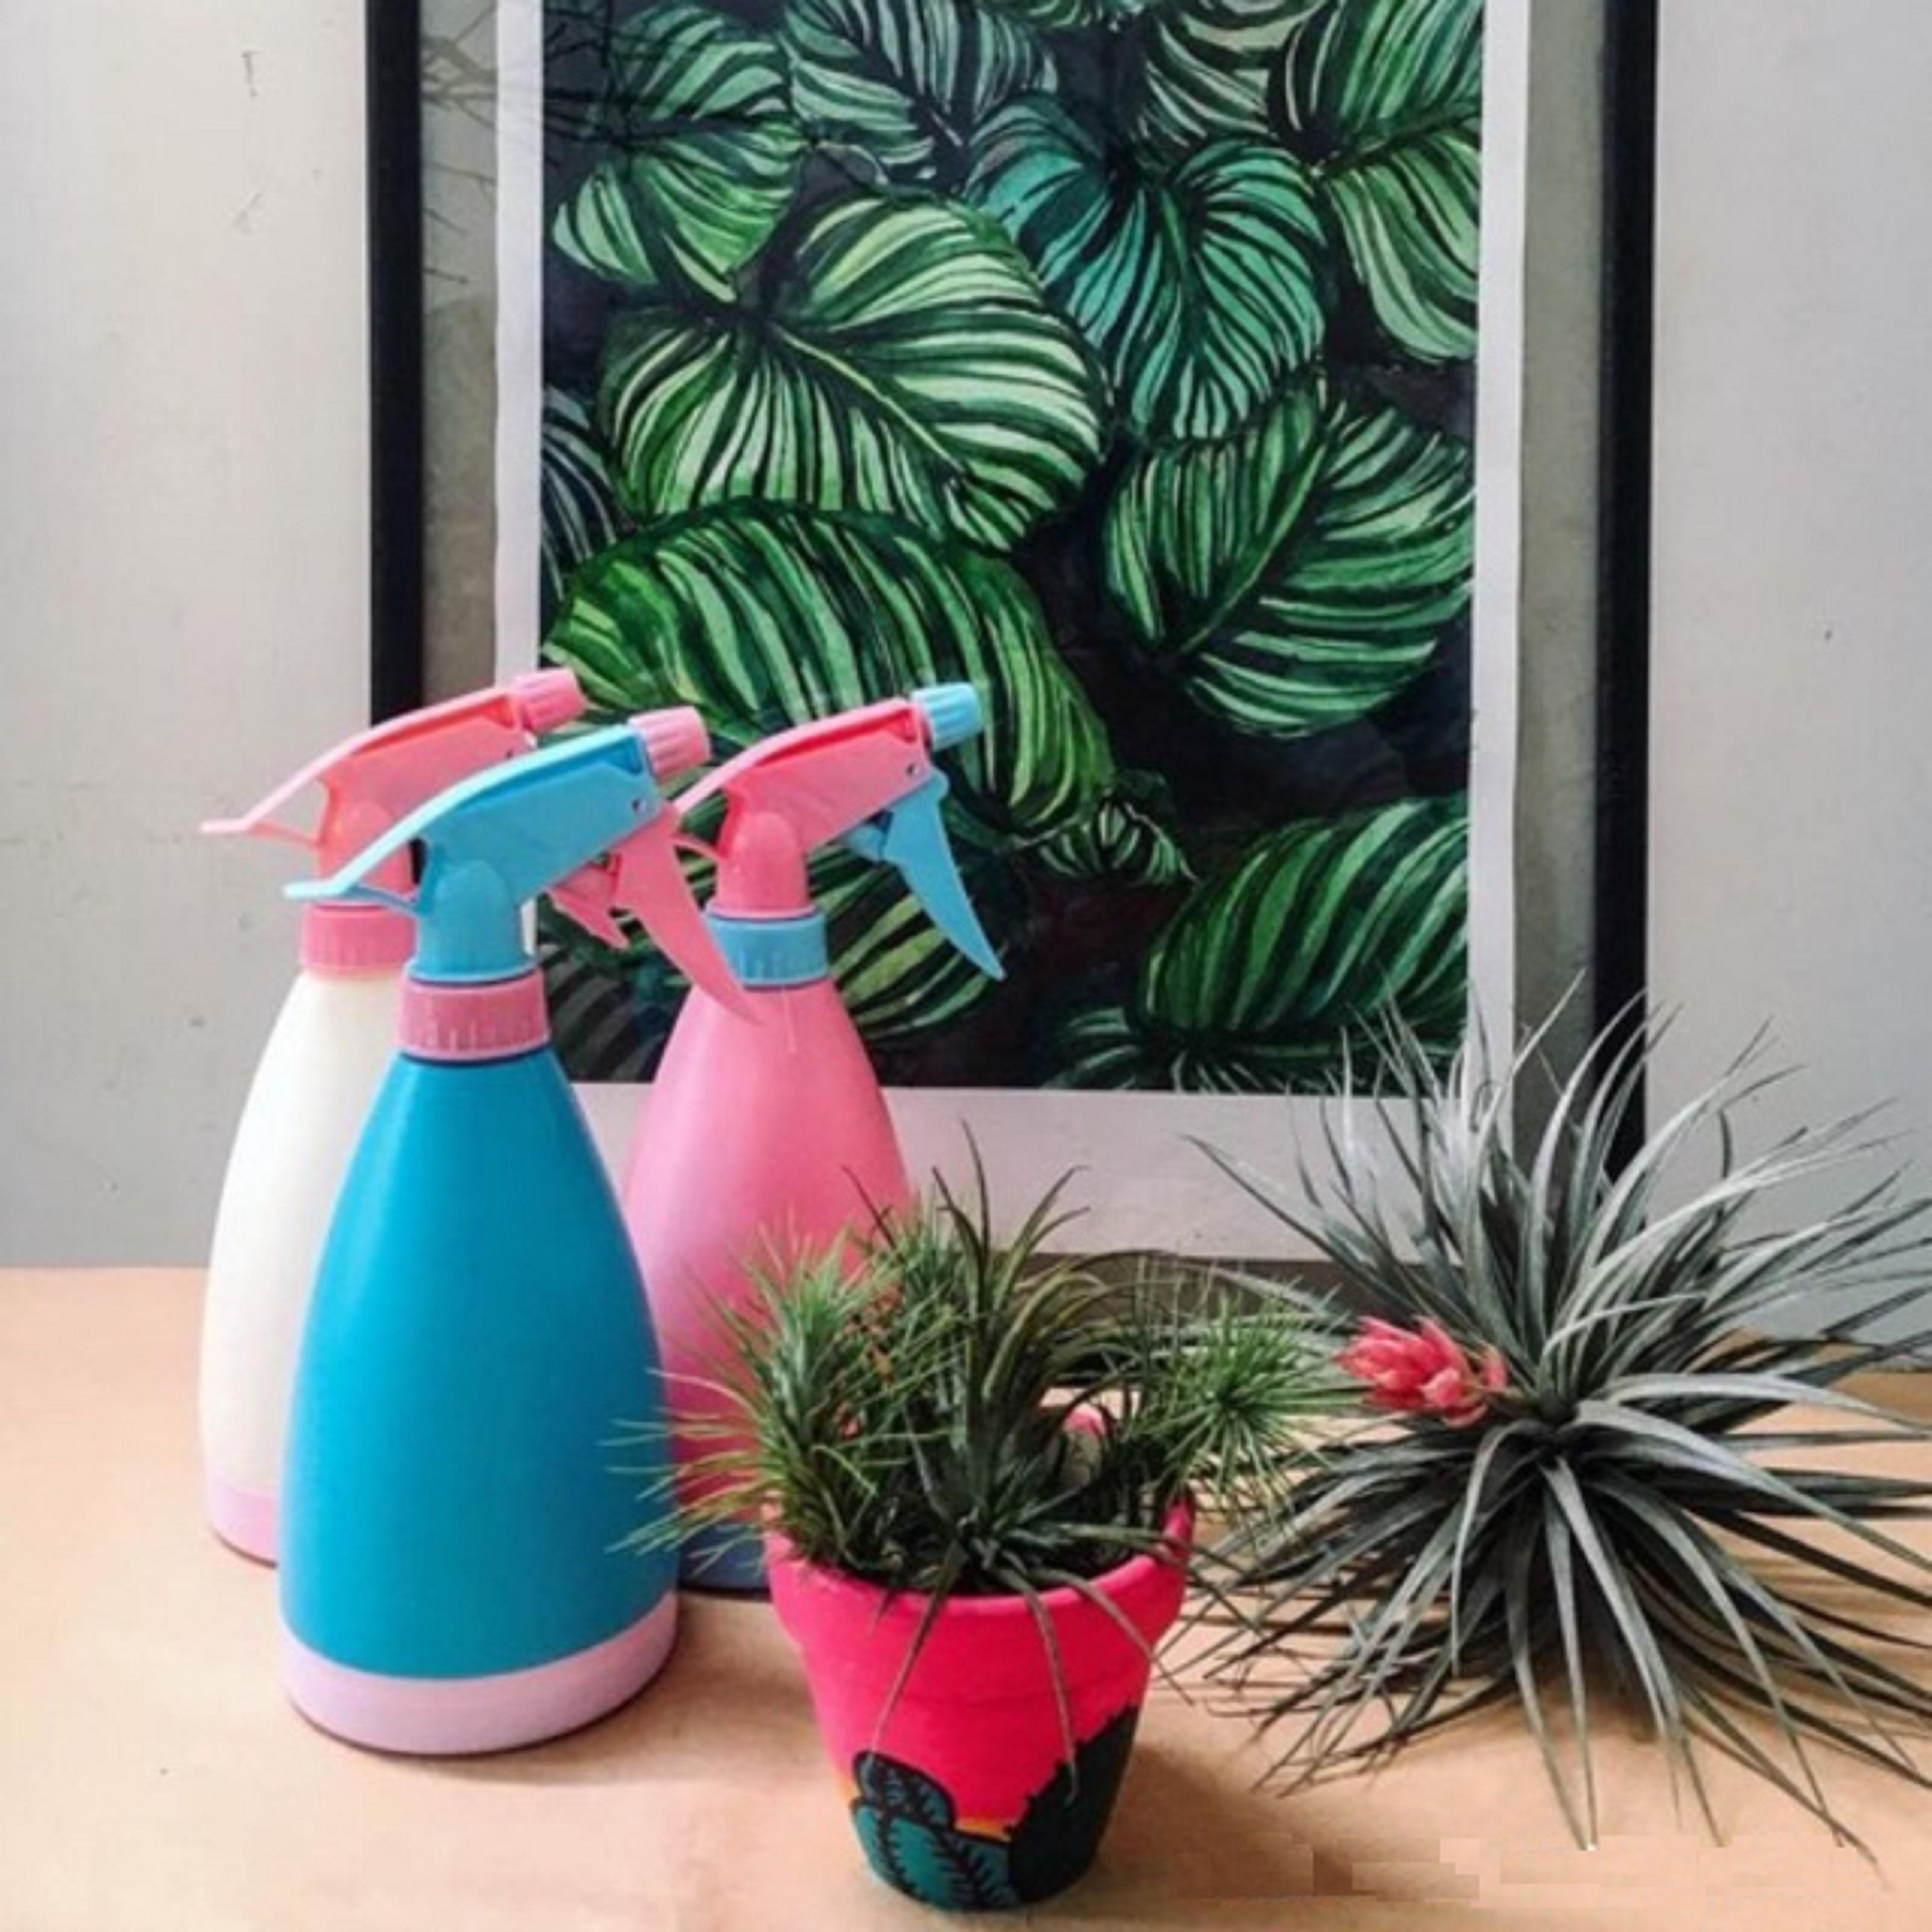 Bình xịt nước mini tiện dụng đa năng thích hợp dùng chăm sóc hoa ...